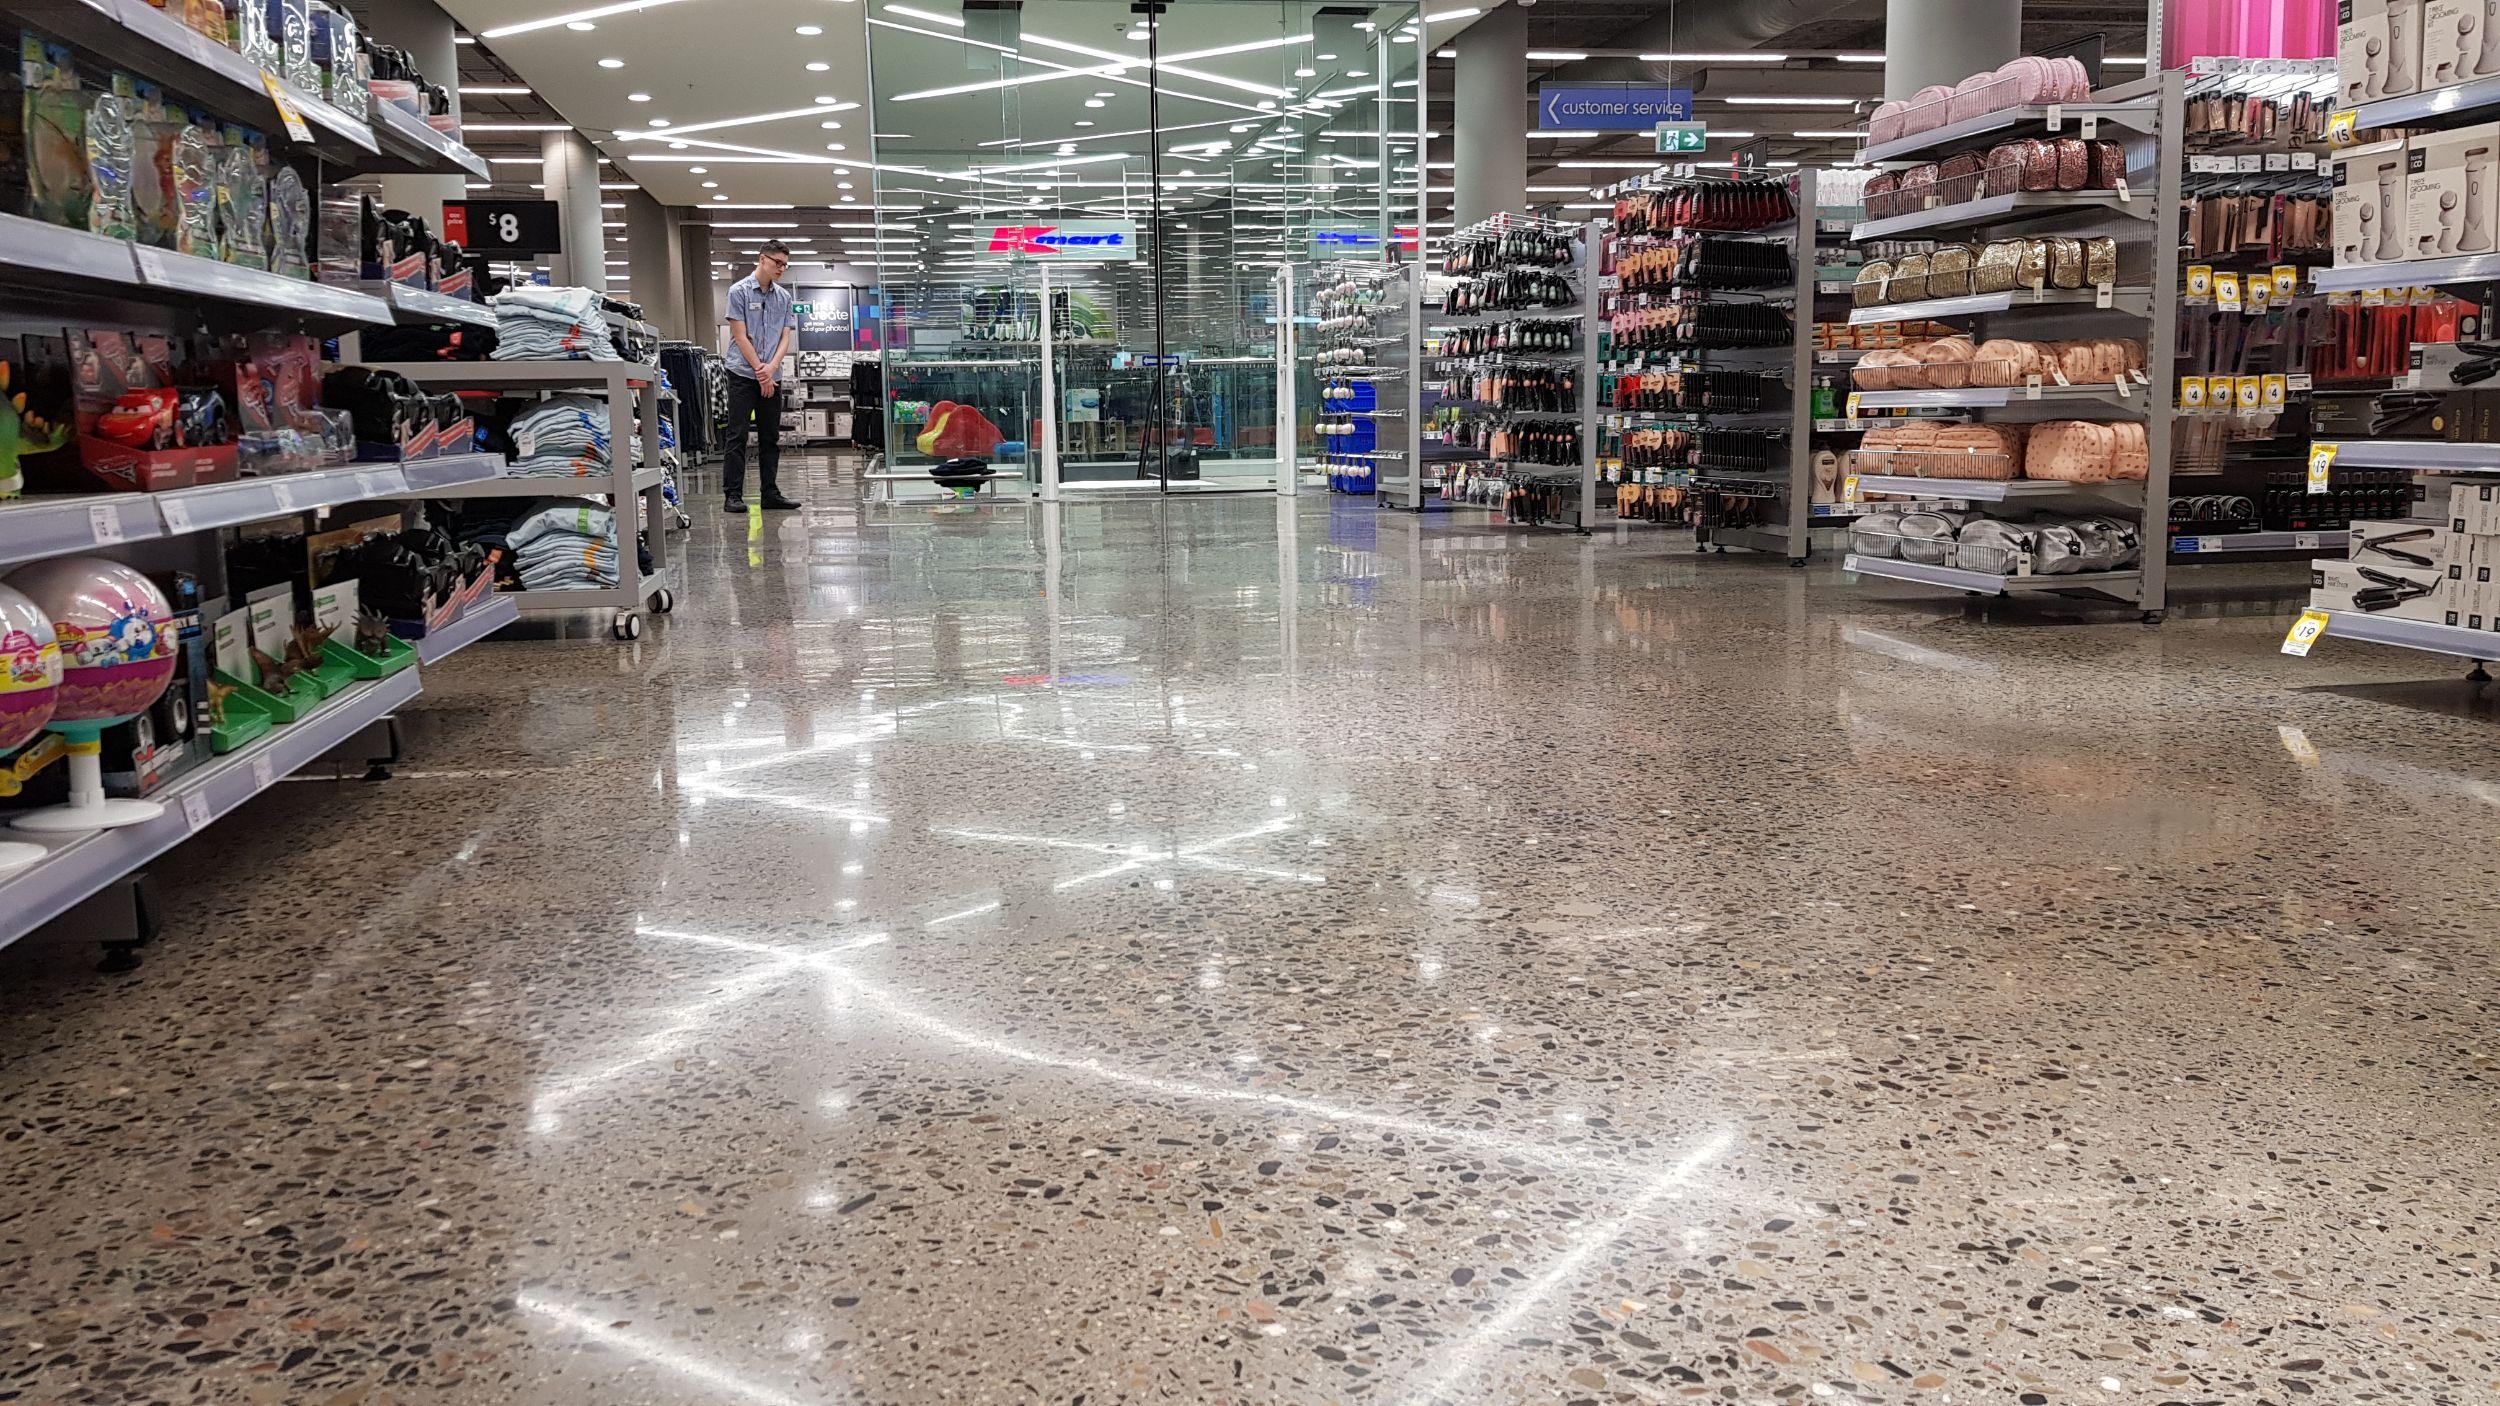 Decorative concrete flooring in kmart